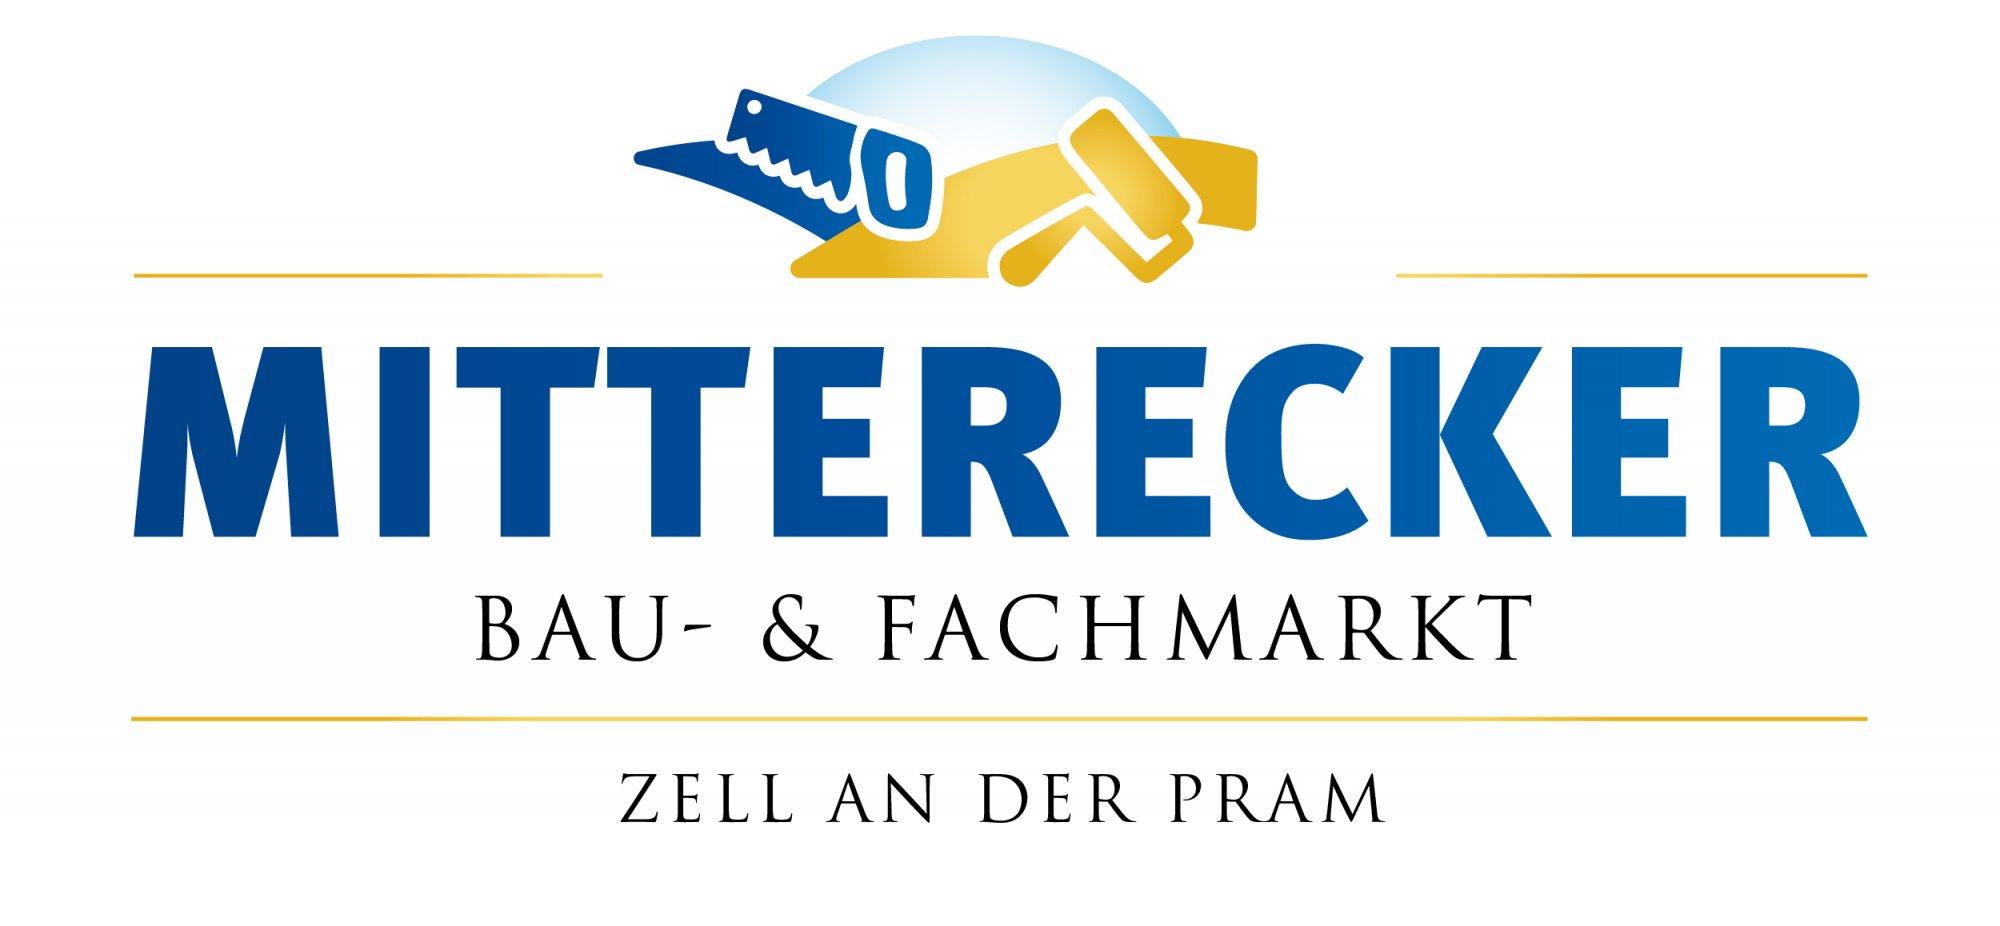 Mitterecker-logo-4c-zw-2500x1158px.jpg